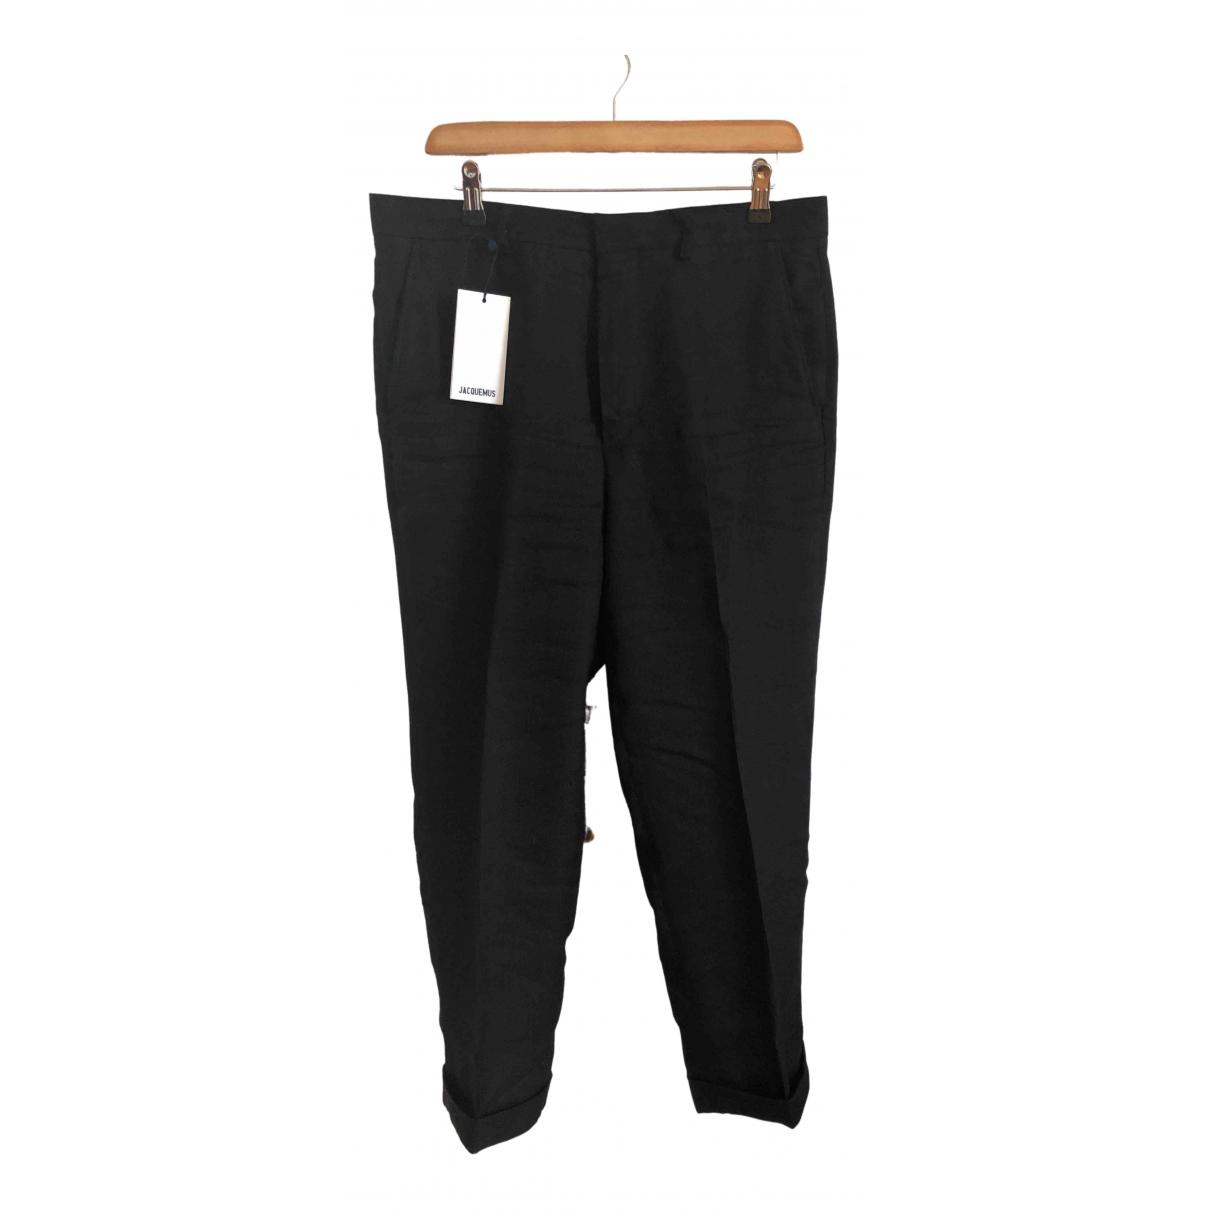 Jacquemus Le Gadjo Black Linen Trousers for Men 48 IT